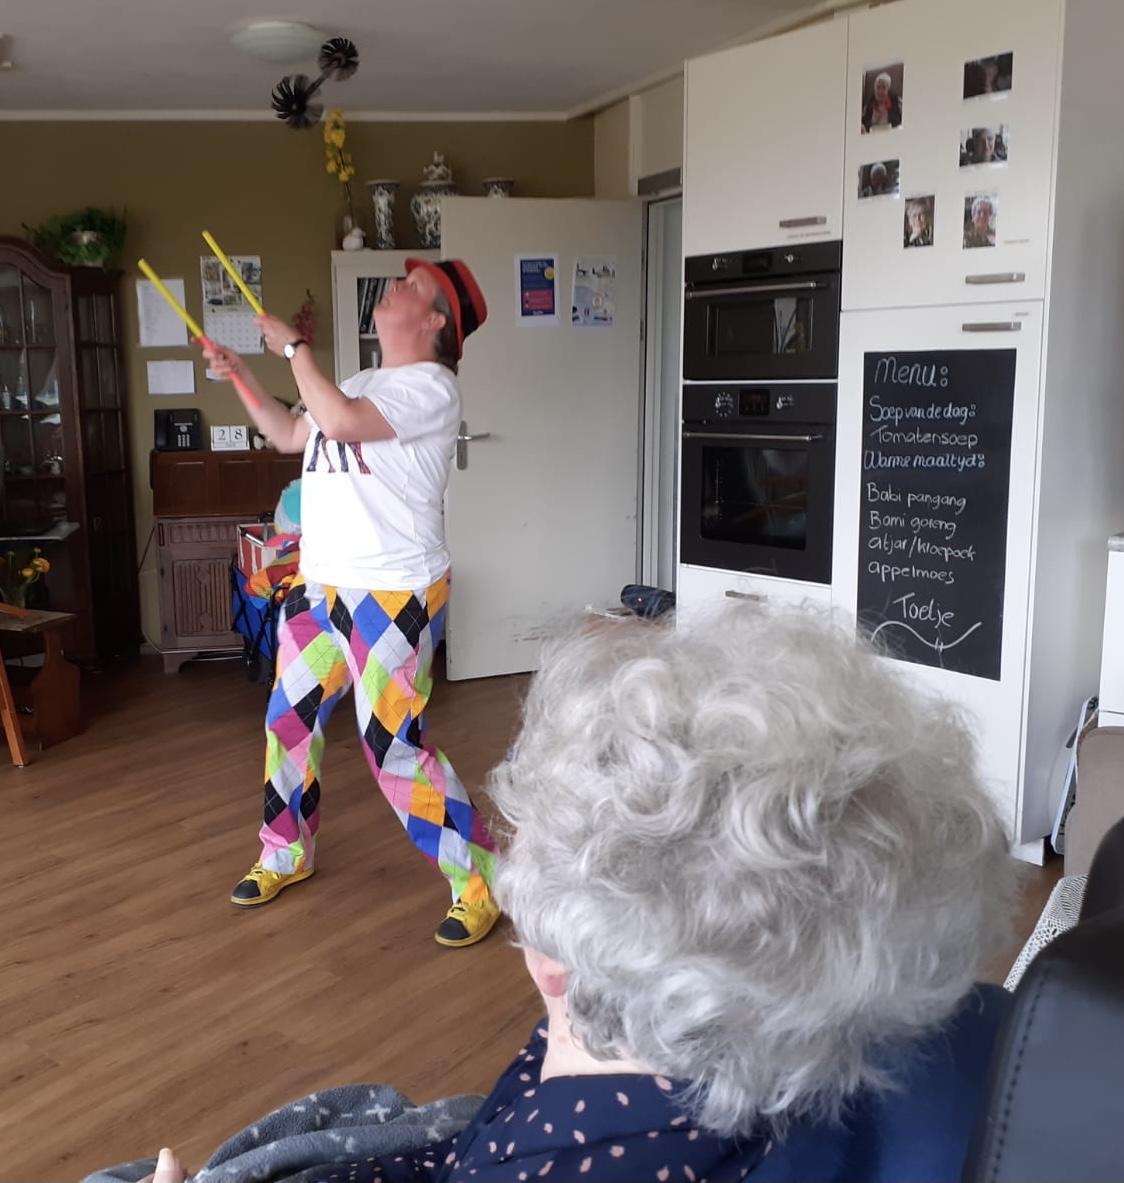 Jongleur Kiko met de flowersticks in een leuke, interactieve en verassende corona-proof jongleershow voor ouderen in verpleeghuizen